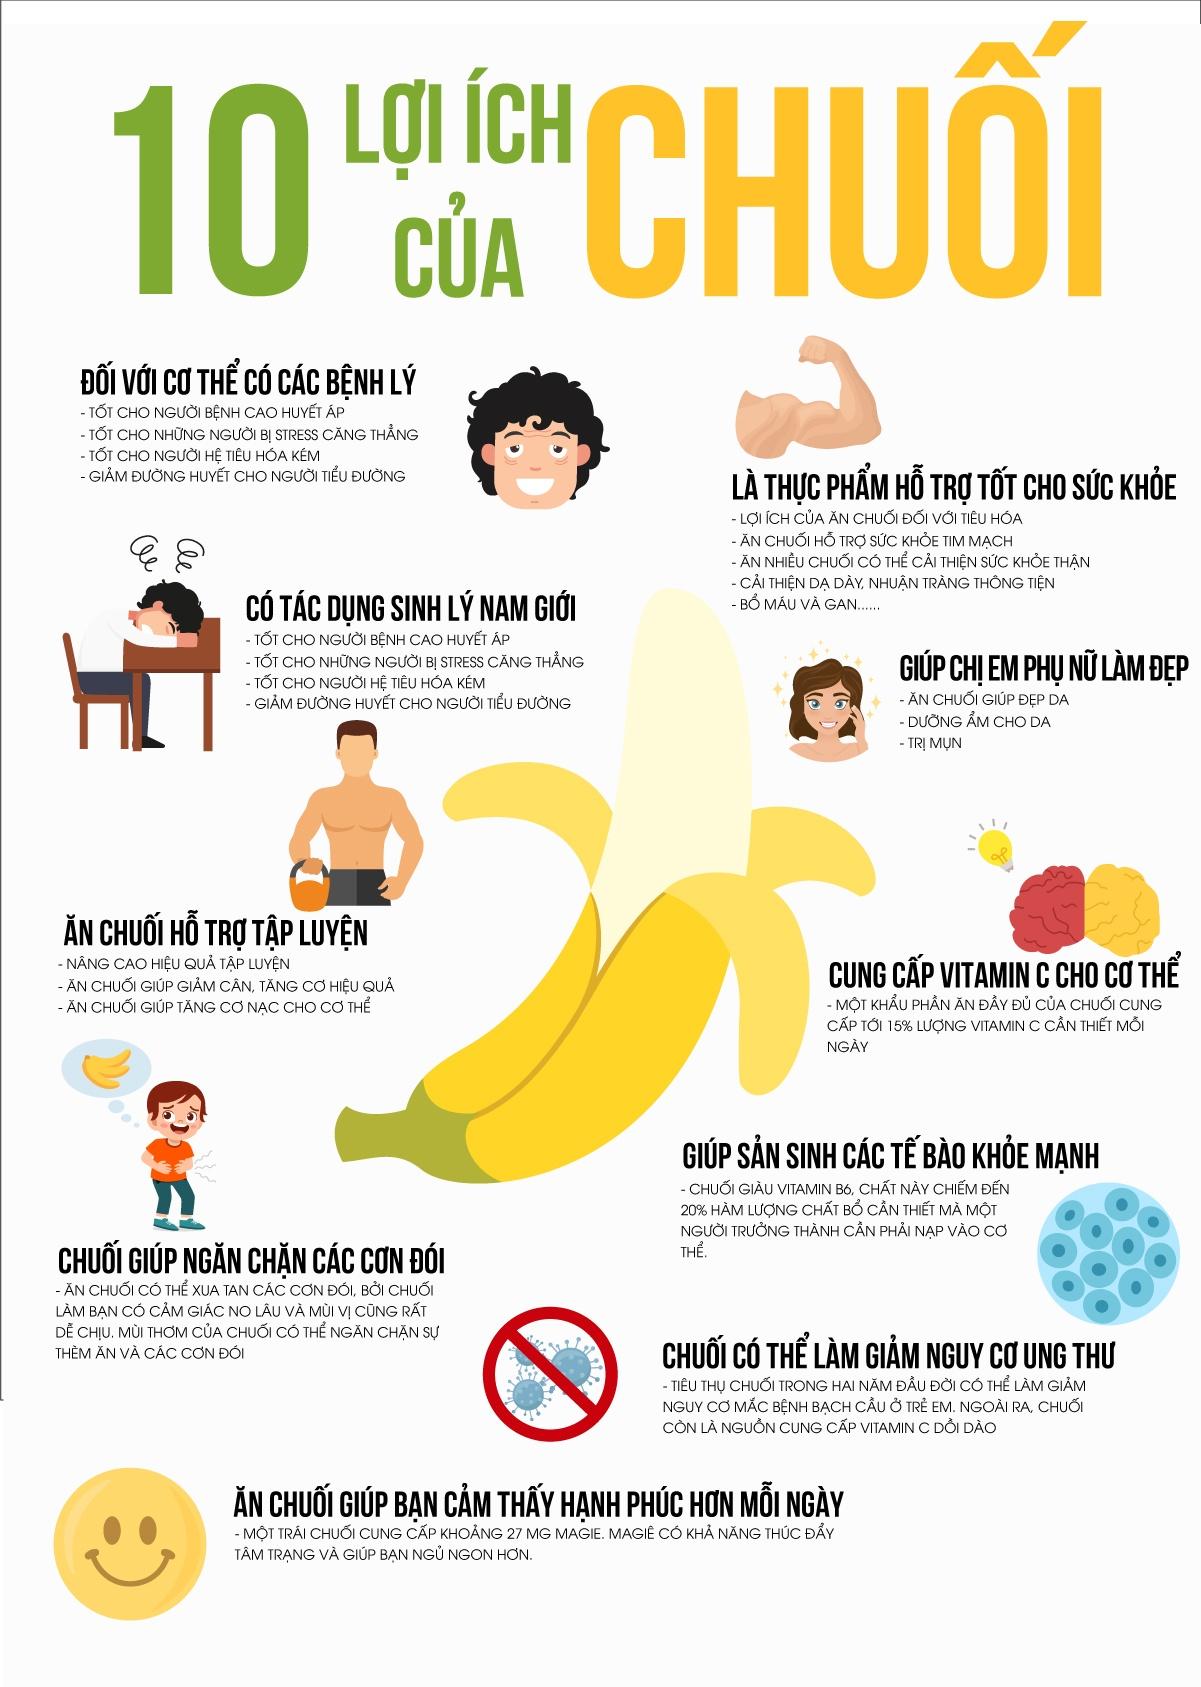 Chuối là loại thực phẩm quen thuộc hằng ngày. Tìm hiểu ngày 10 lợi ích từ việc ăn chuối hằng ngày mà bạn chưa biết tới qua bài viết ...